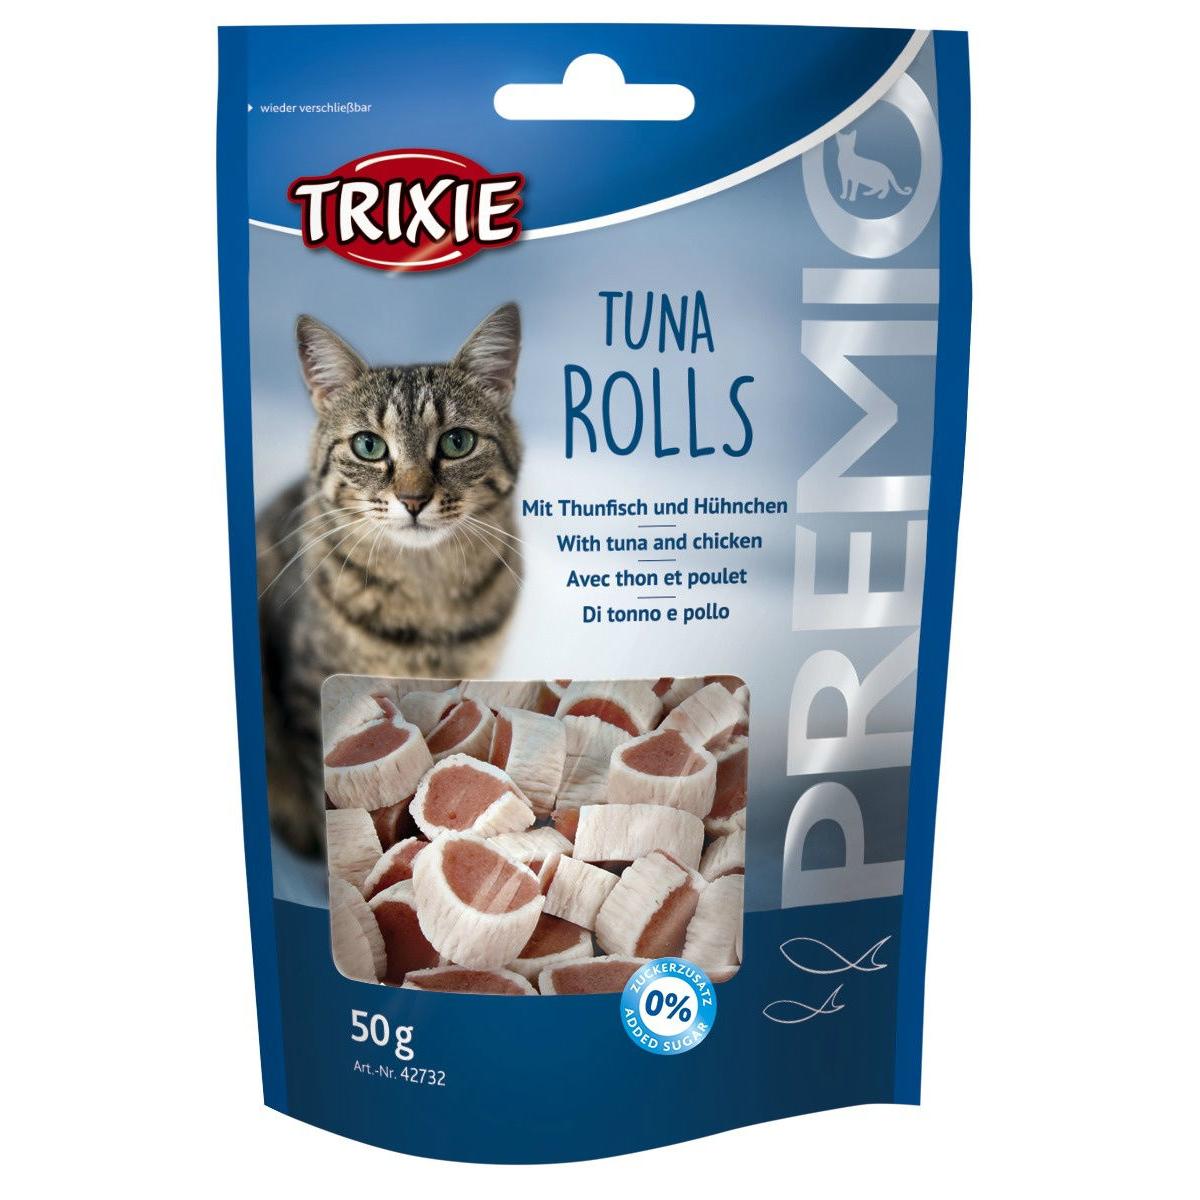 TRIXIE PREMIO Tuna Rolls für Katzen 42732